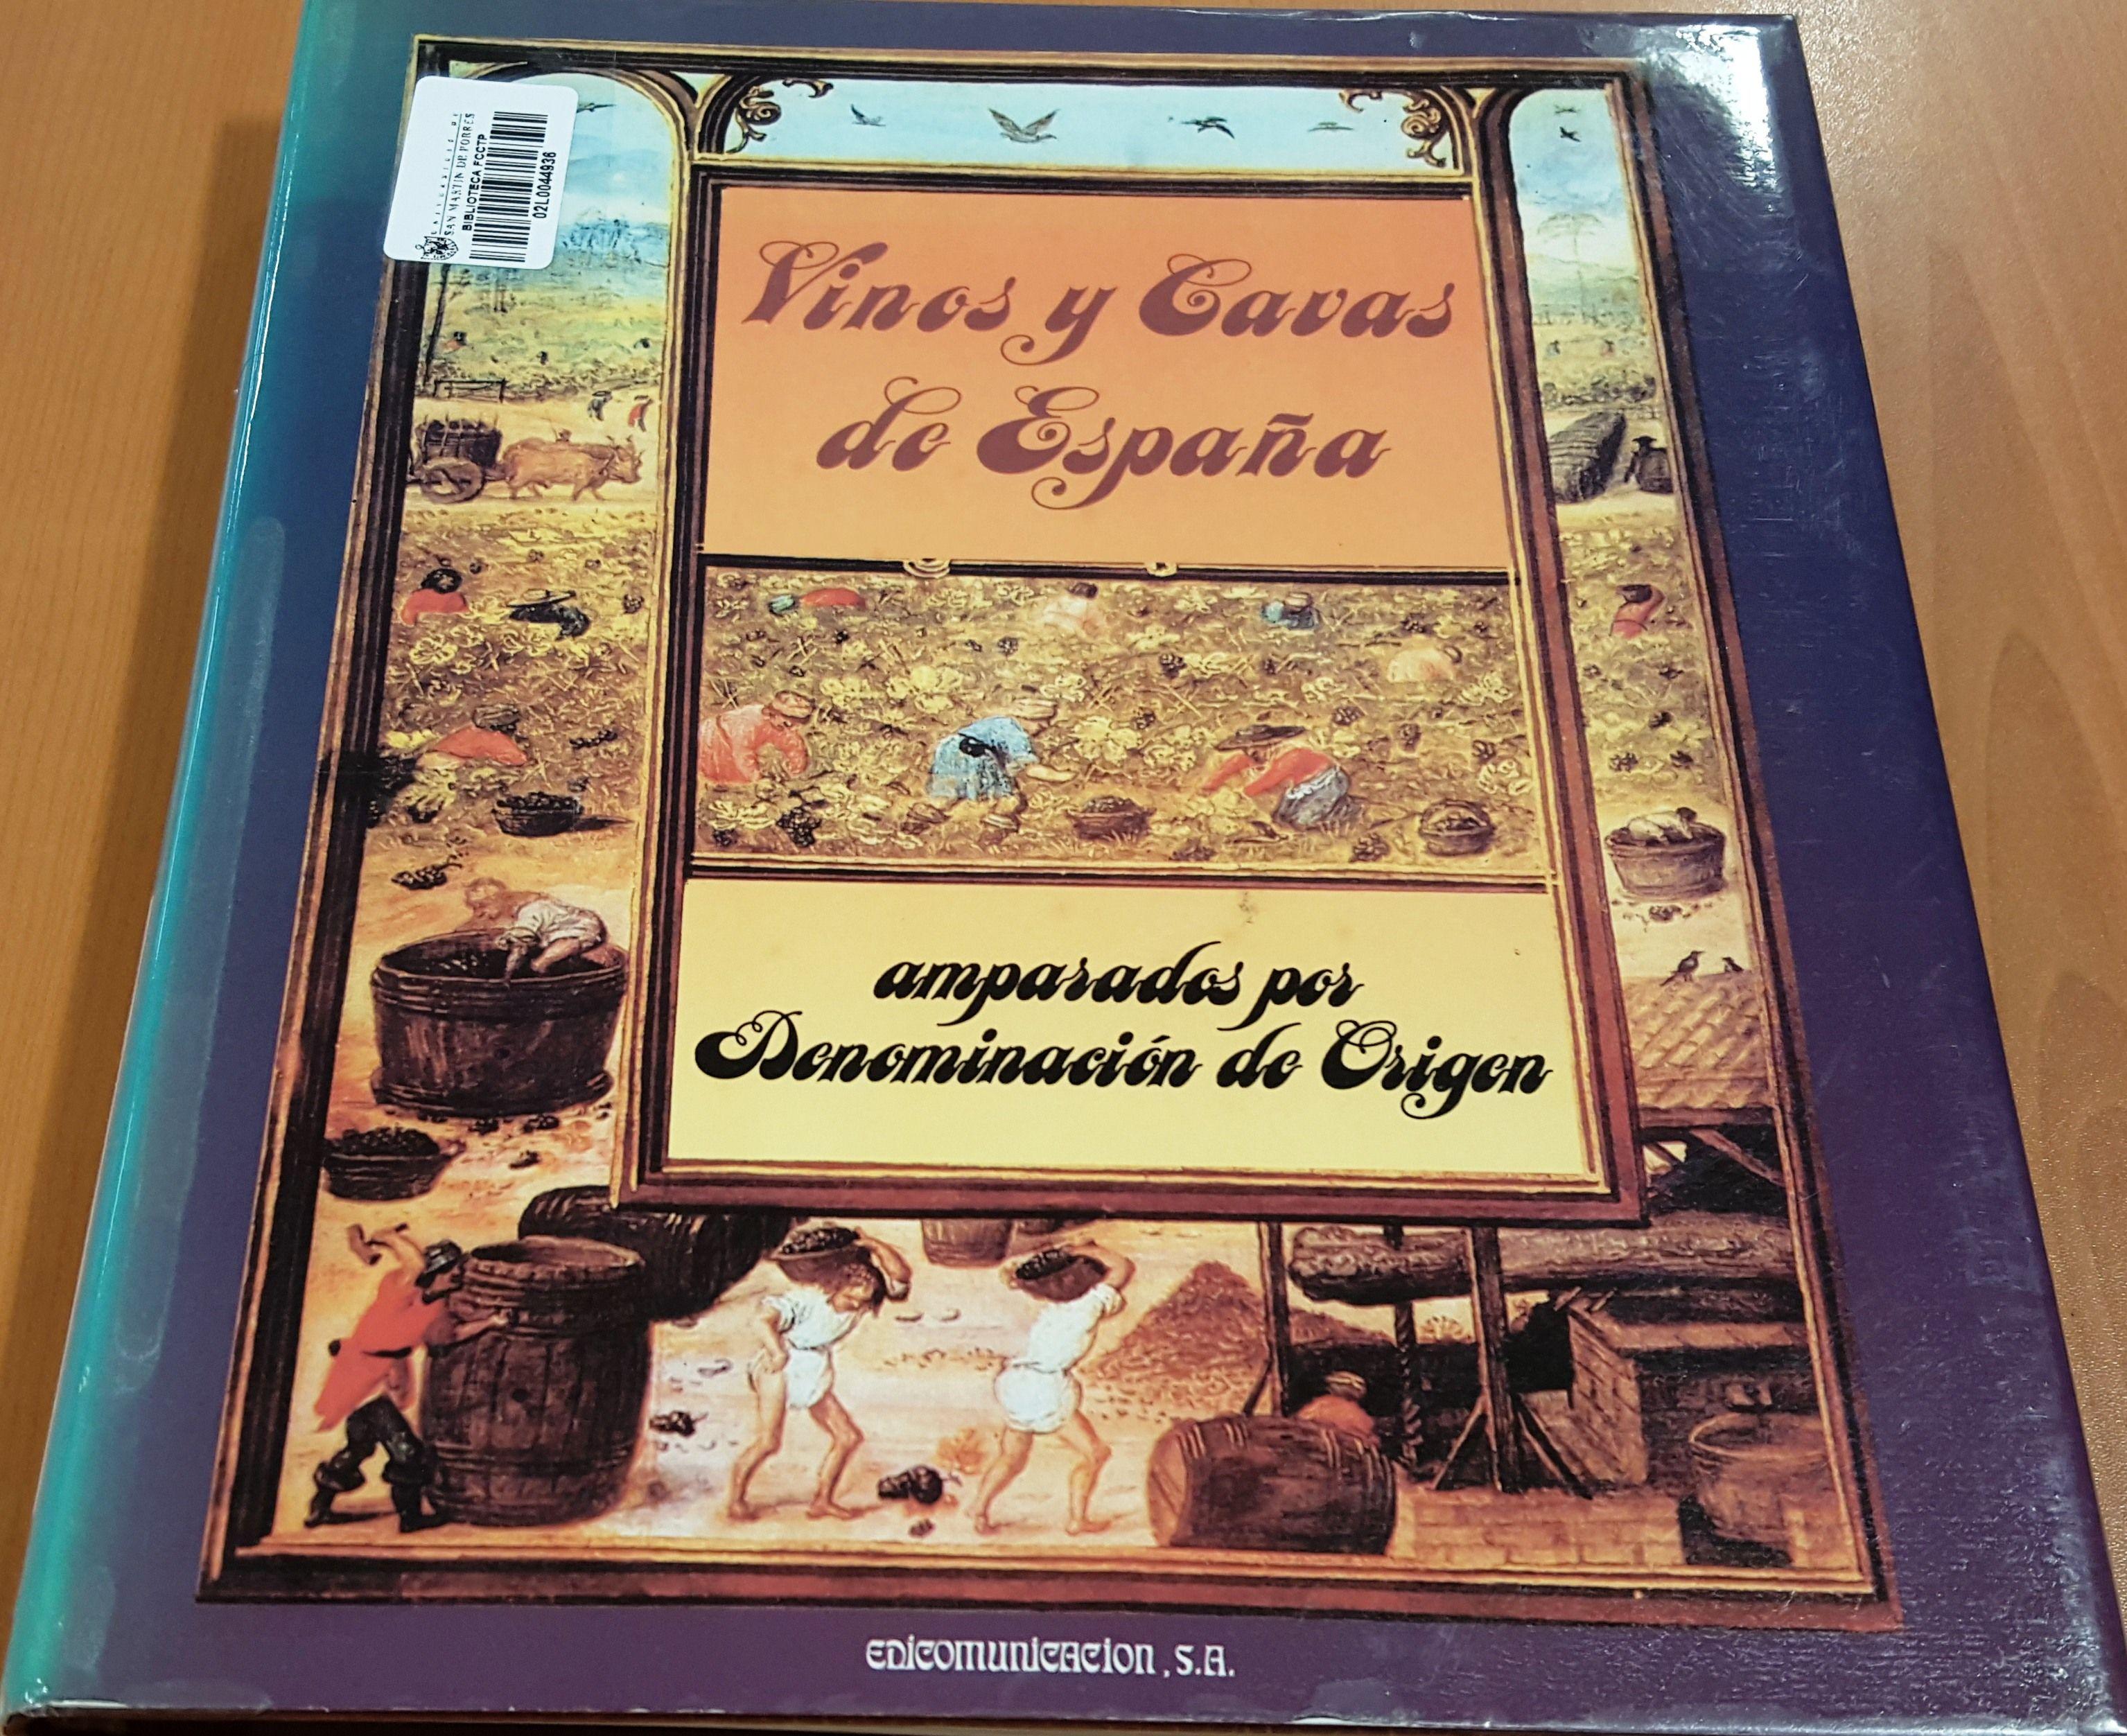 Título: Vinos y cavas de España /  Autor: Feijoo Zoller, Inocencio / Ubicación: FCCTP – Gastronomía – Tercer piso / Código:  G/ES/ 663.2 F35